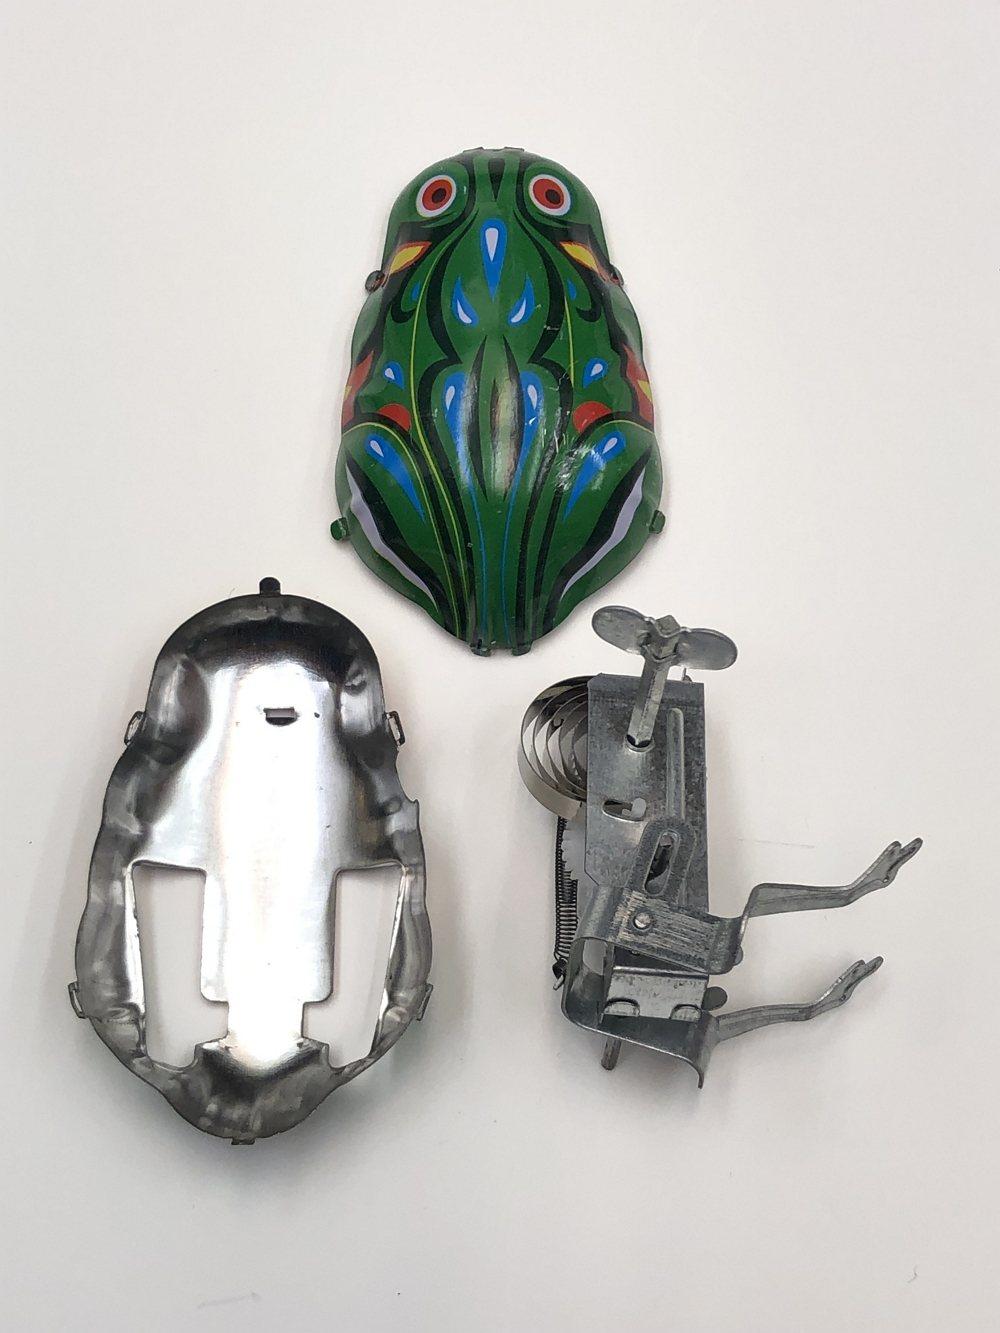 解剖鐵皮青蛙。 圖/野蜂國際開發有限公司 提供